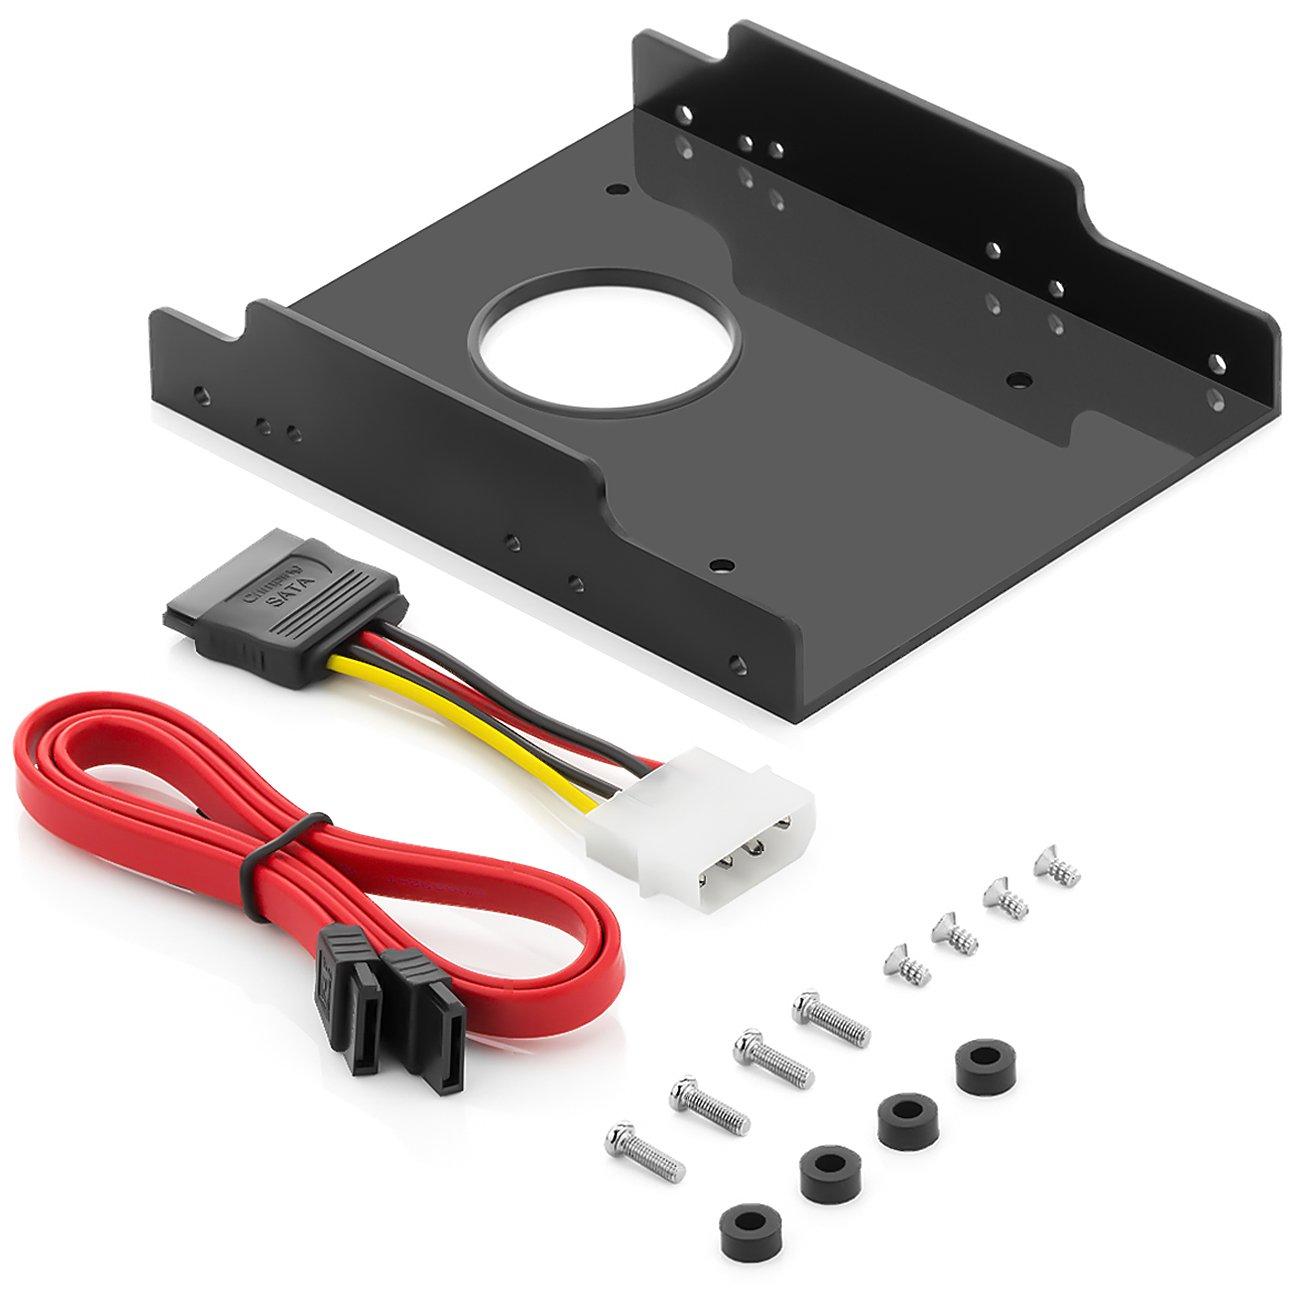 """Marcos de montaje 2.5"""" disco duro SSD de 3.5"""" adaptador disco duro marcos de montaje - plástico duro - soporte de marco intercambiable incluye tornillos SATA y adaptador eléctrico deleyCON MK2205"""